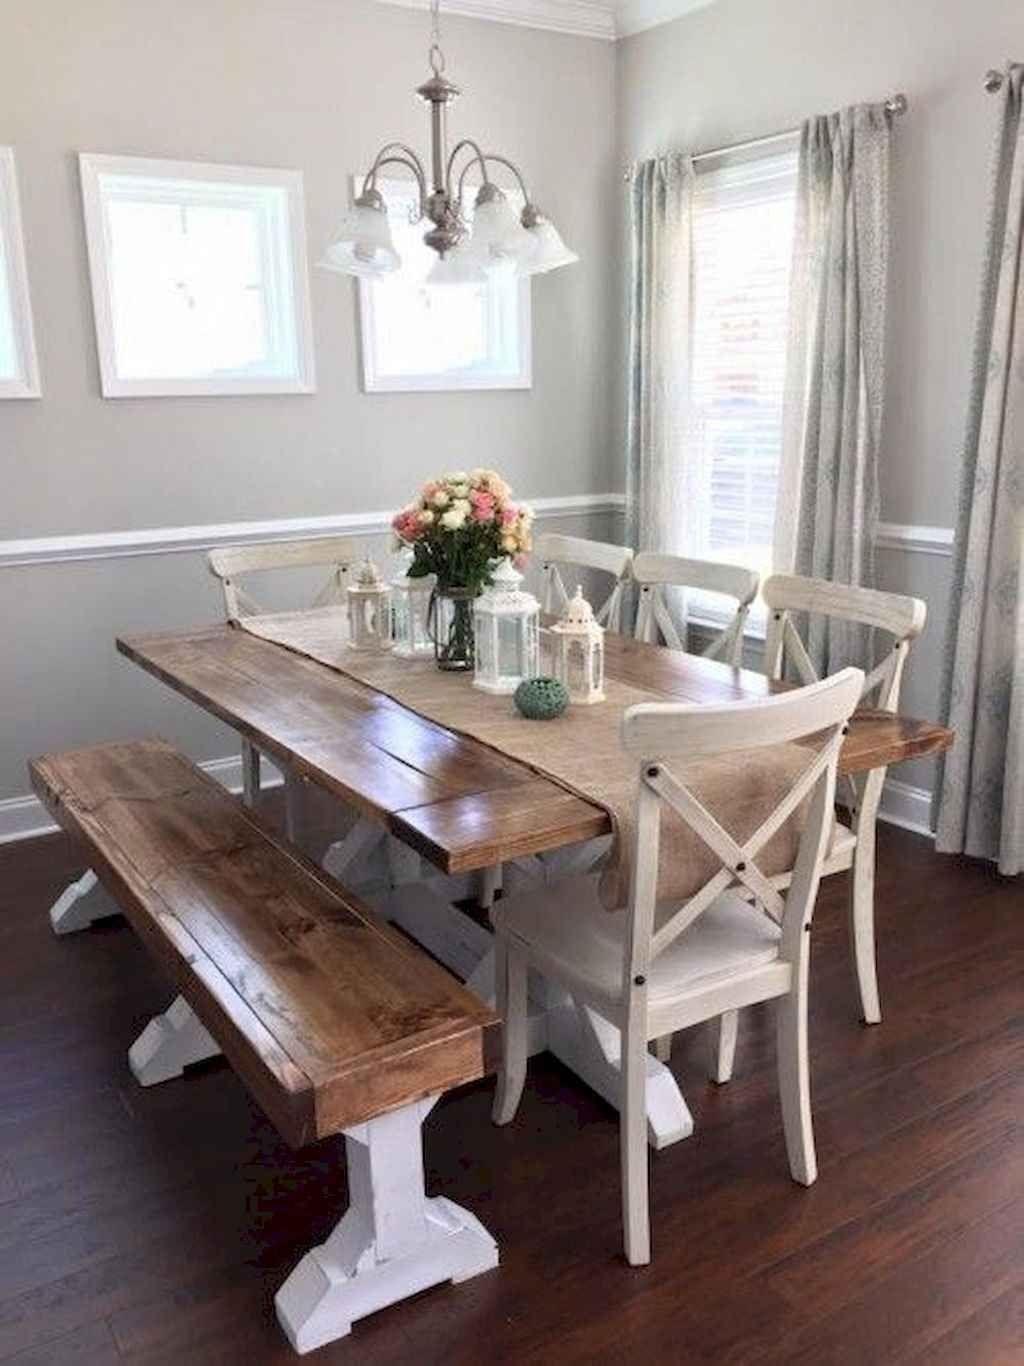 60 Brilliant Farmhouse Kitchen Table Design Ideas And Makeover Farmhouse Dining Room Table Dining Table With Bench Farmhouse Dining Room